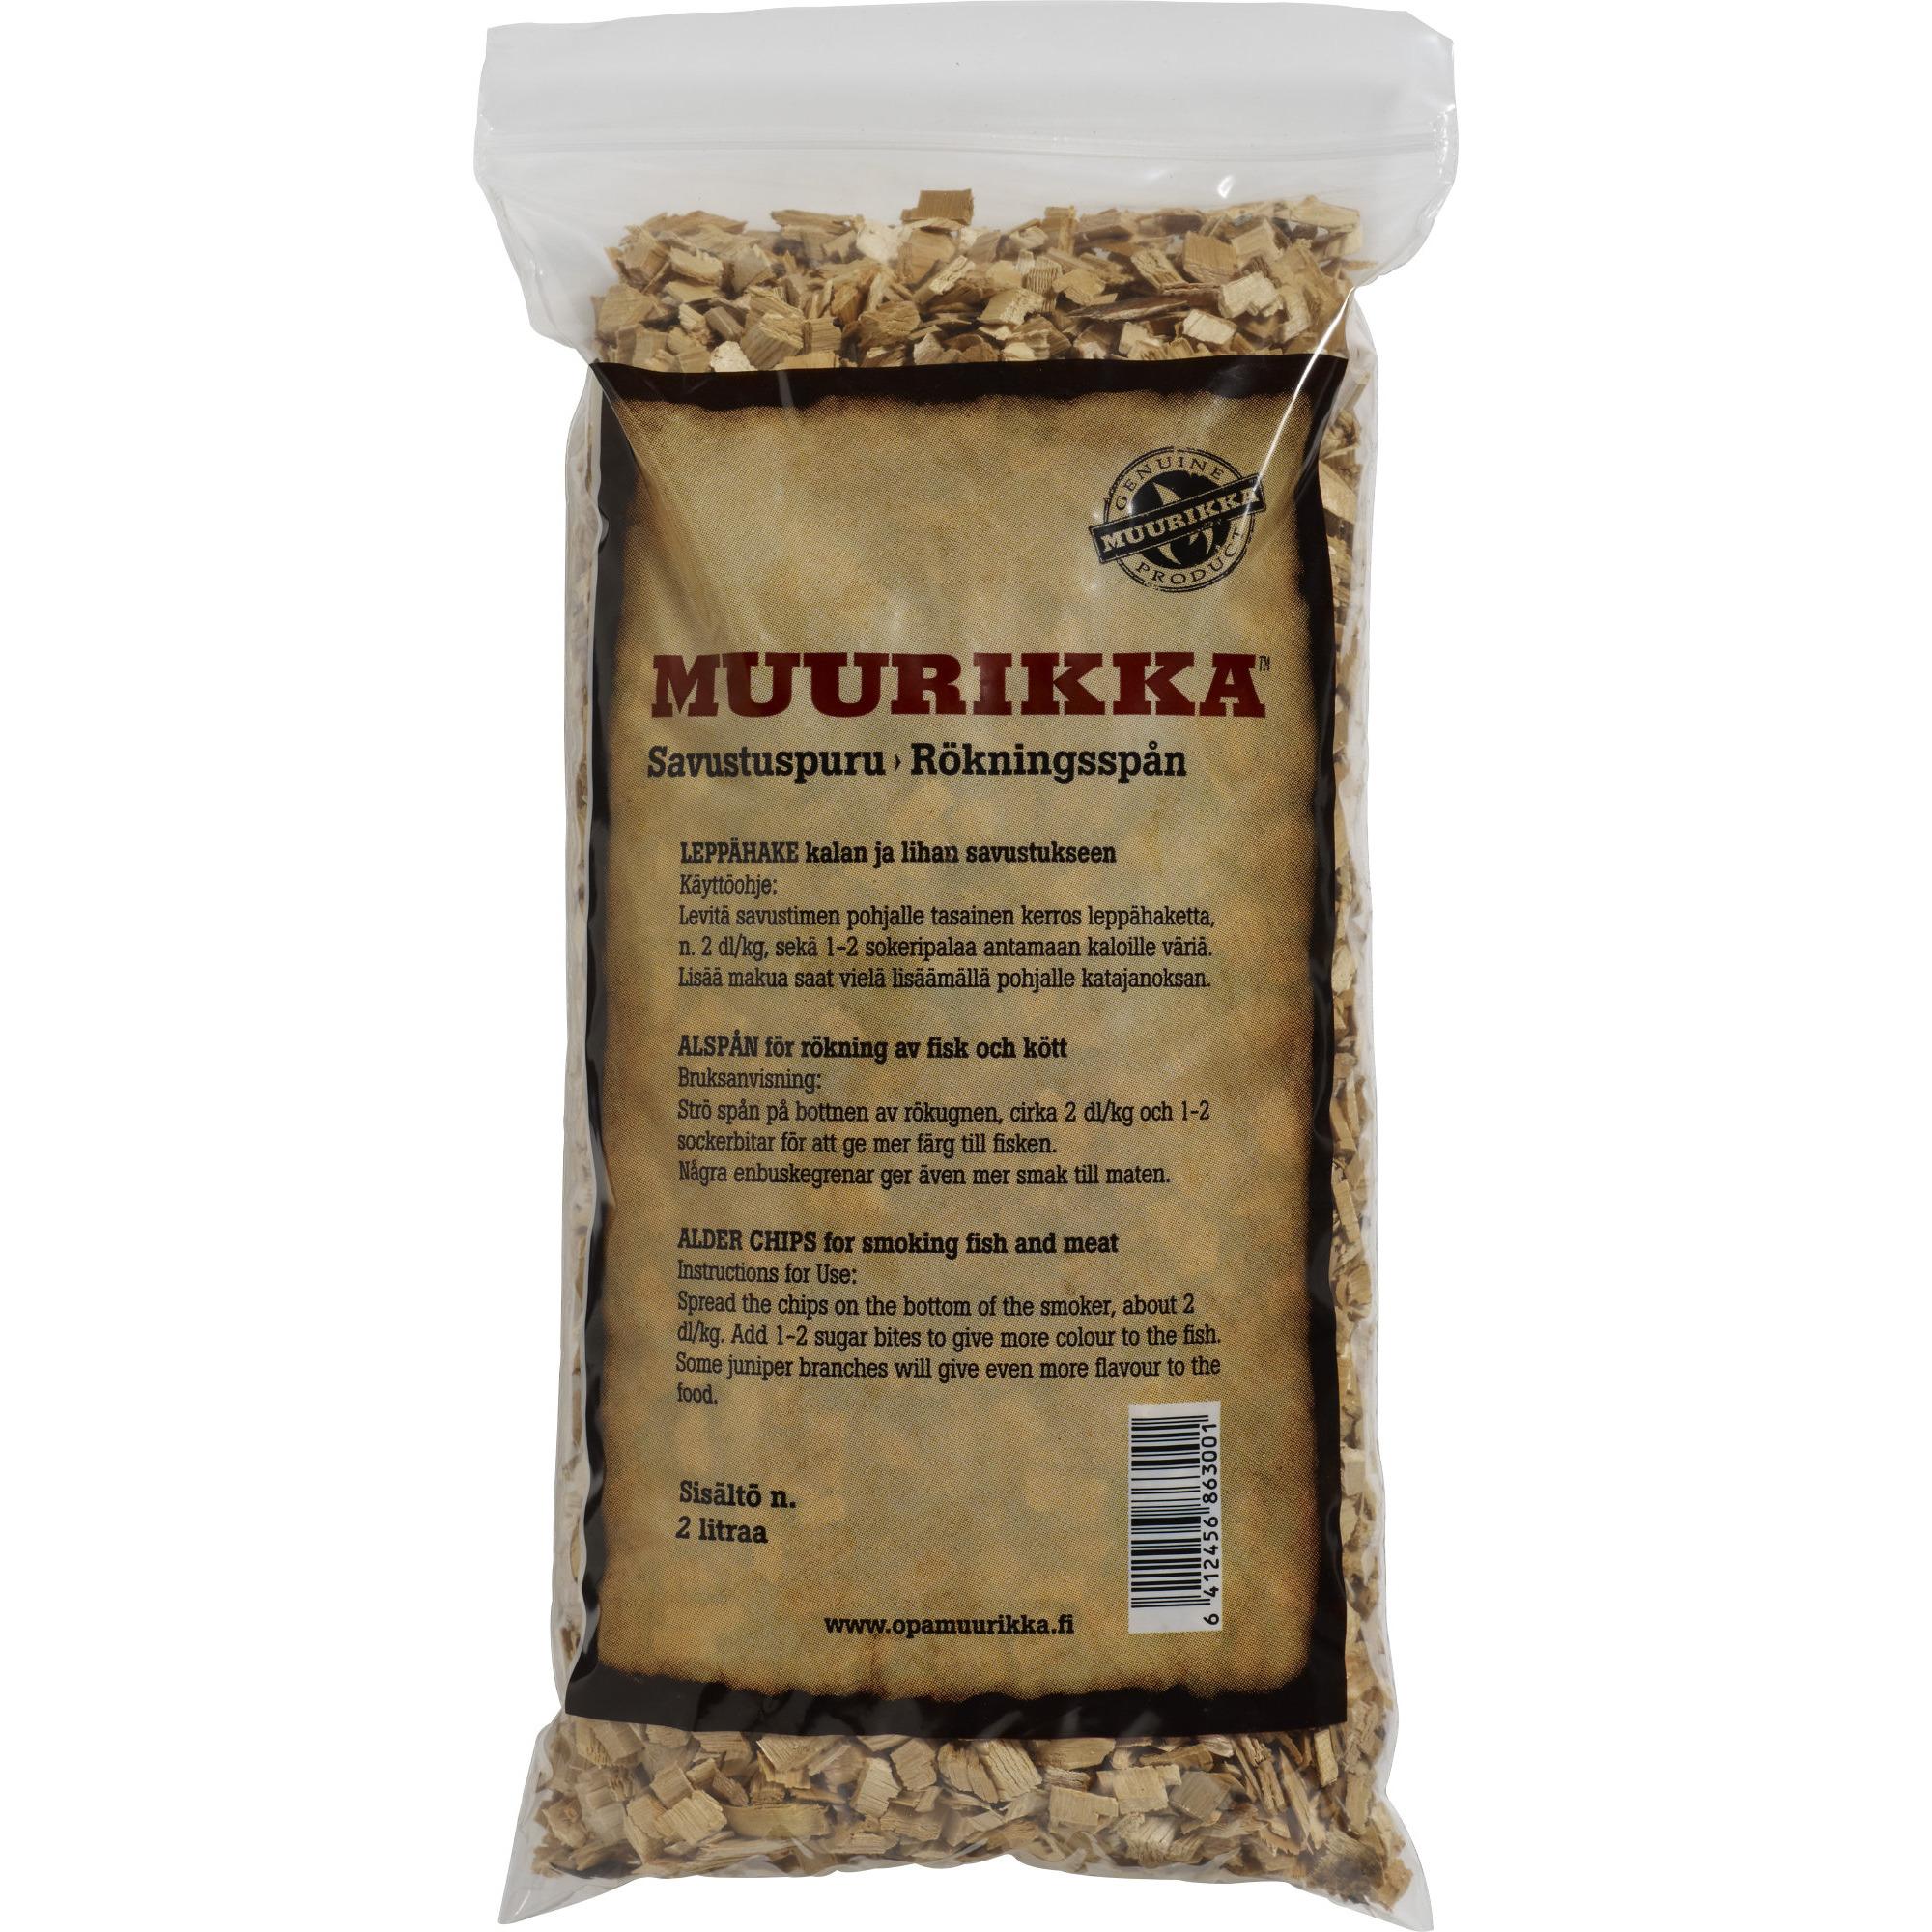 Muurikka Rökspån Al 2 liter